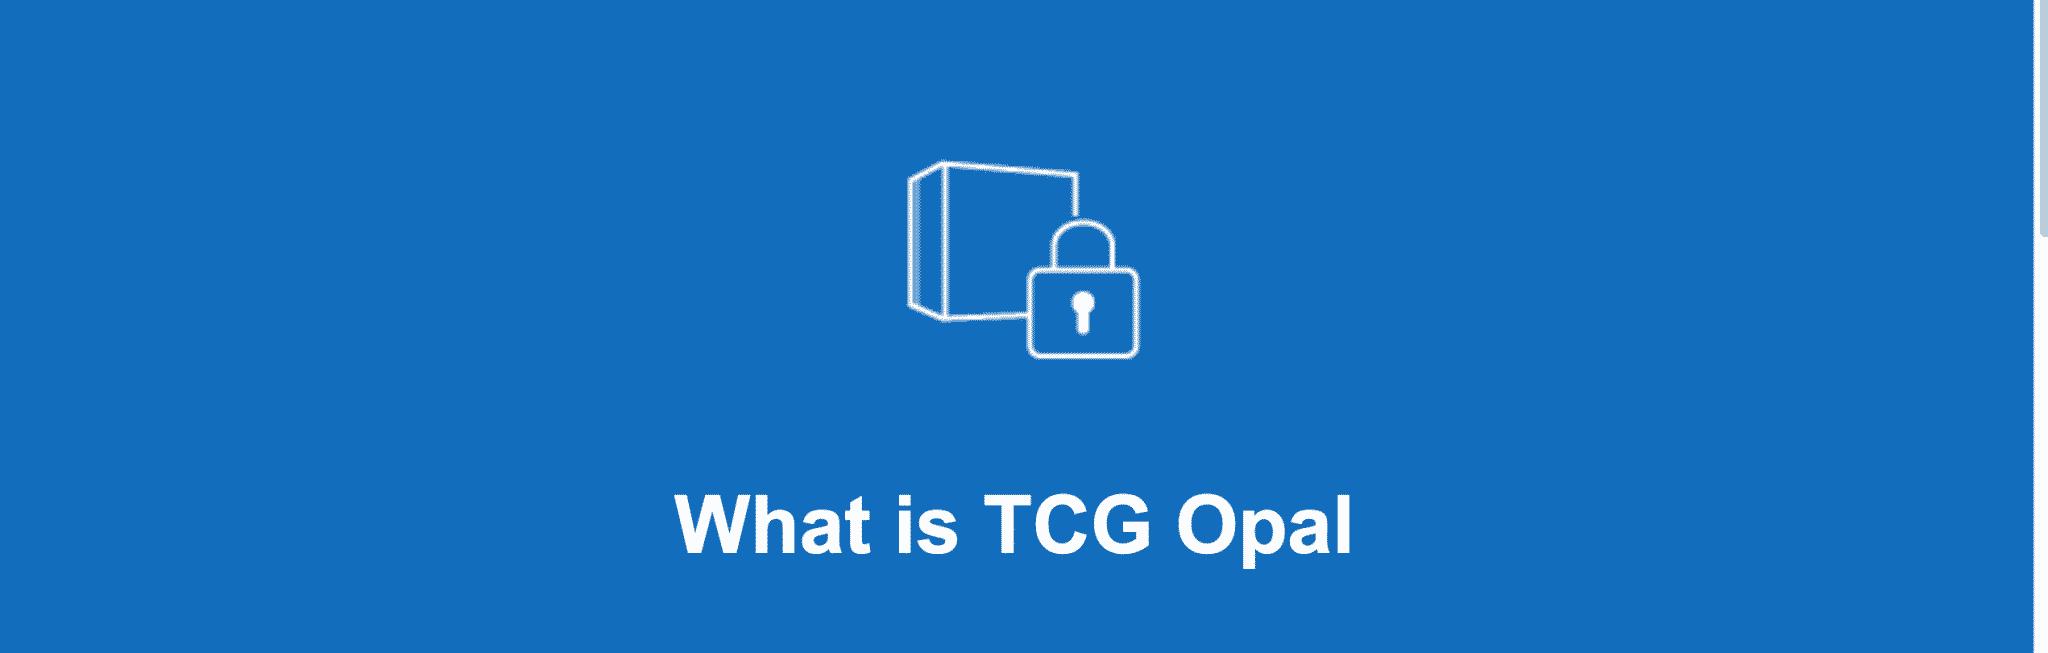 دیکشنری ای دیتا: TCG Opal چیست؟